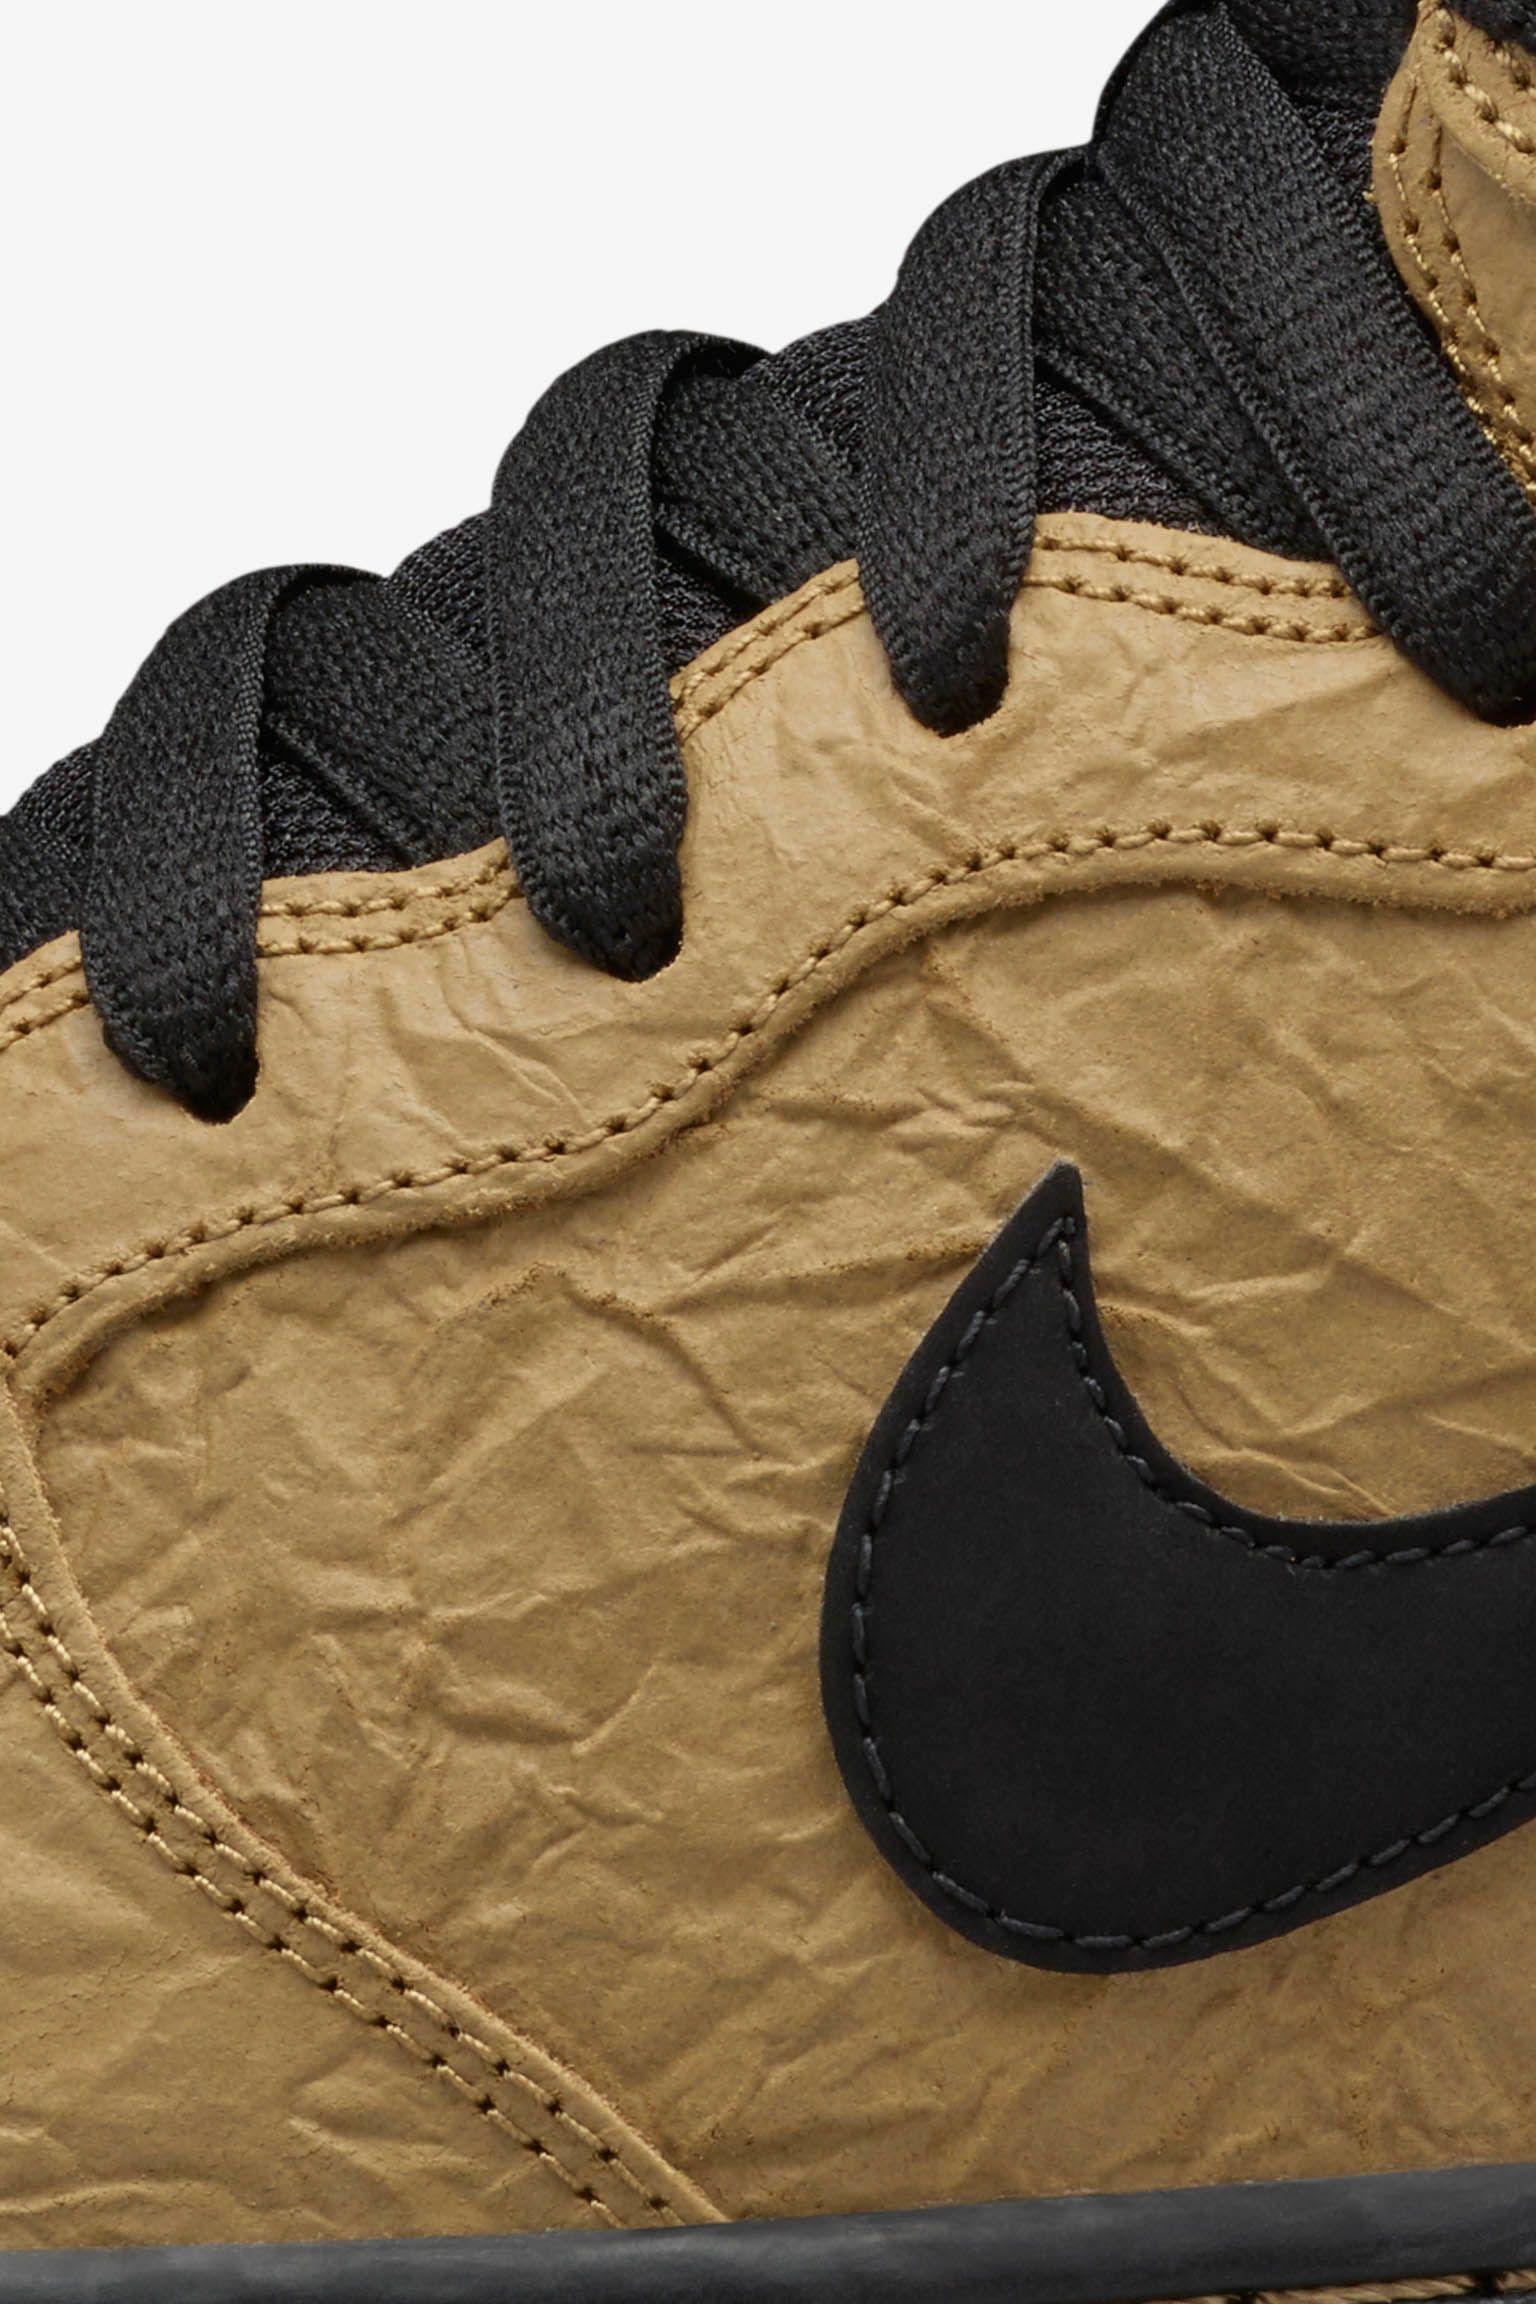 Nike SB Dunk High 'Crinkled'